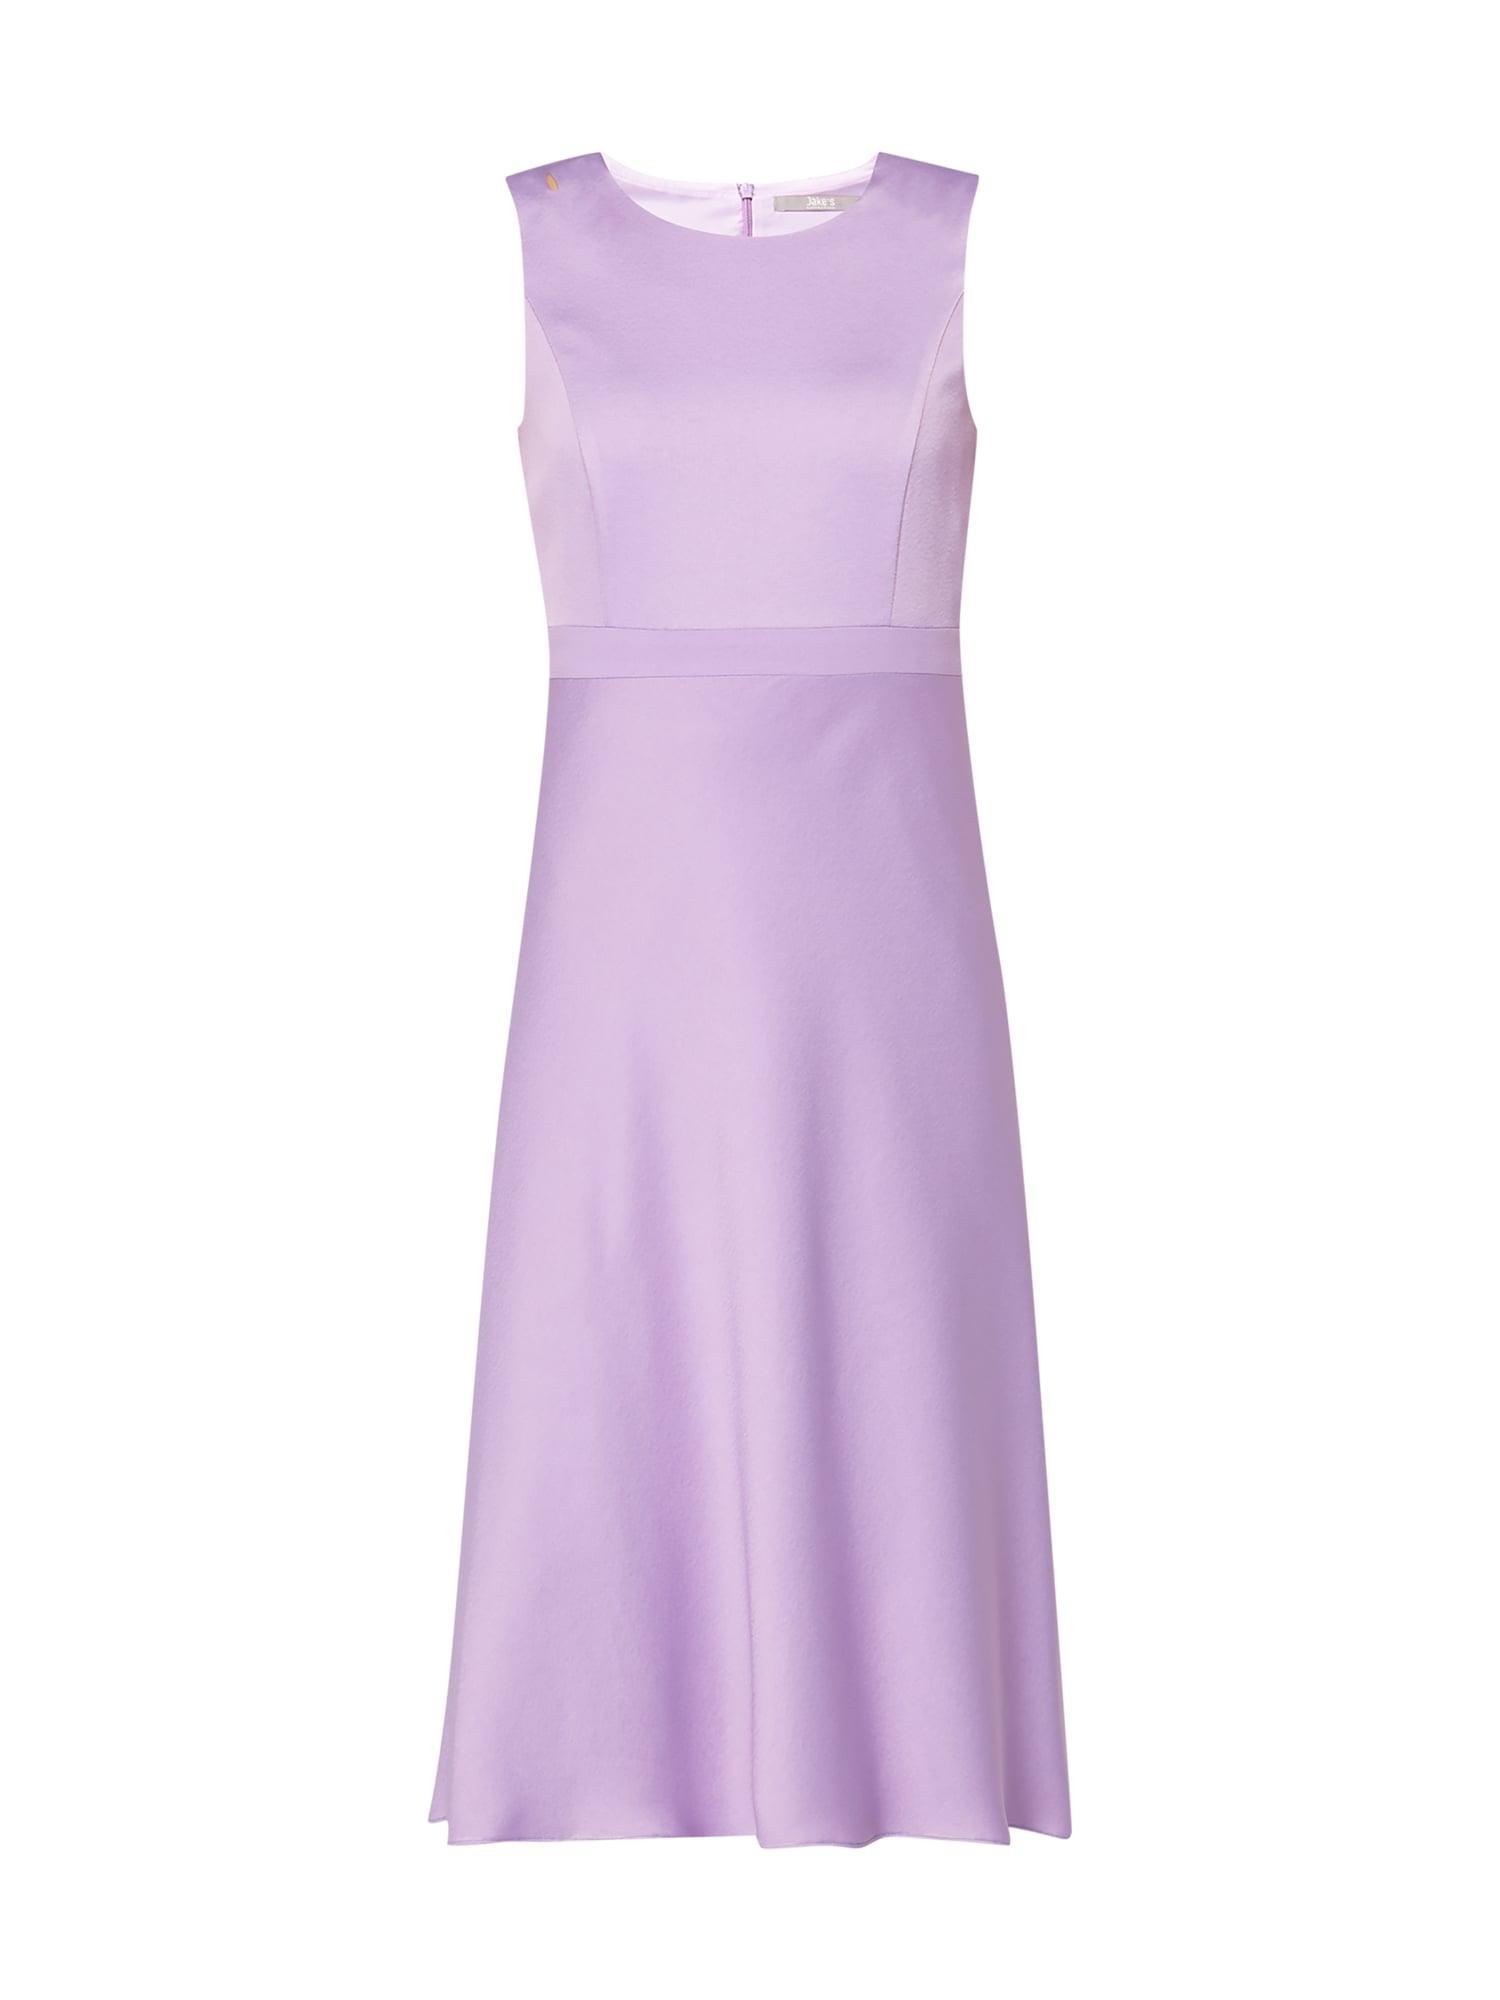 15 Leicht Flieder Kleid Lang VertriebFormal Fantastisch Flieder Kleid Lang Stylish